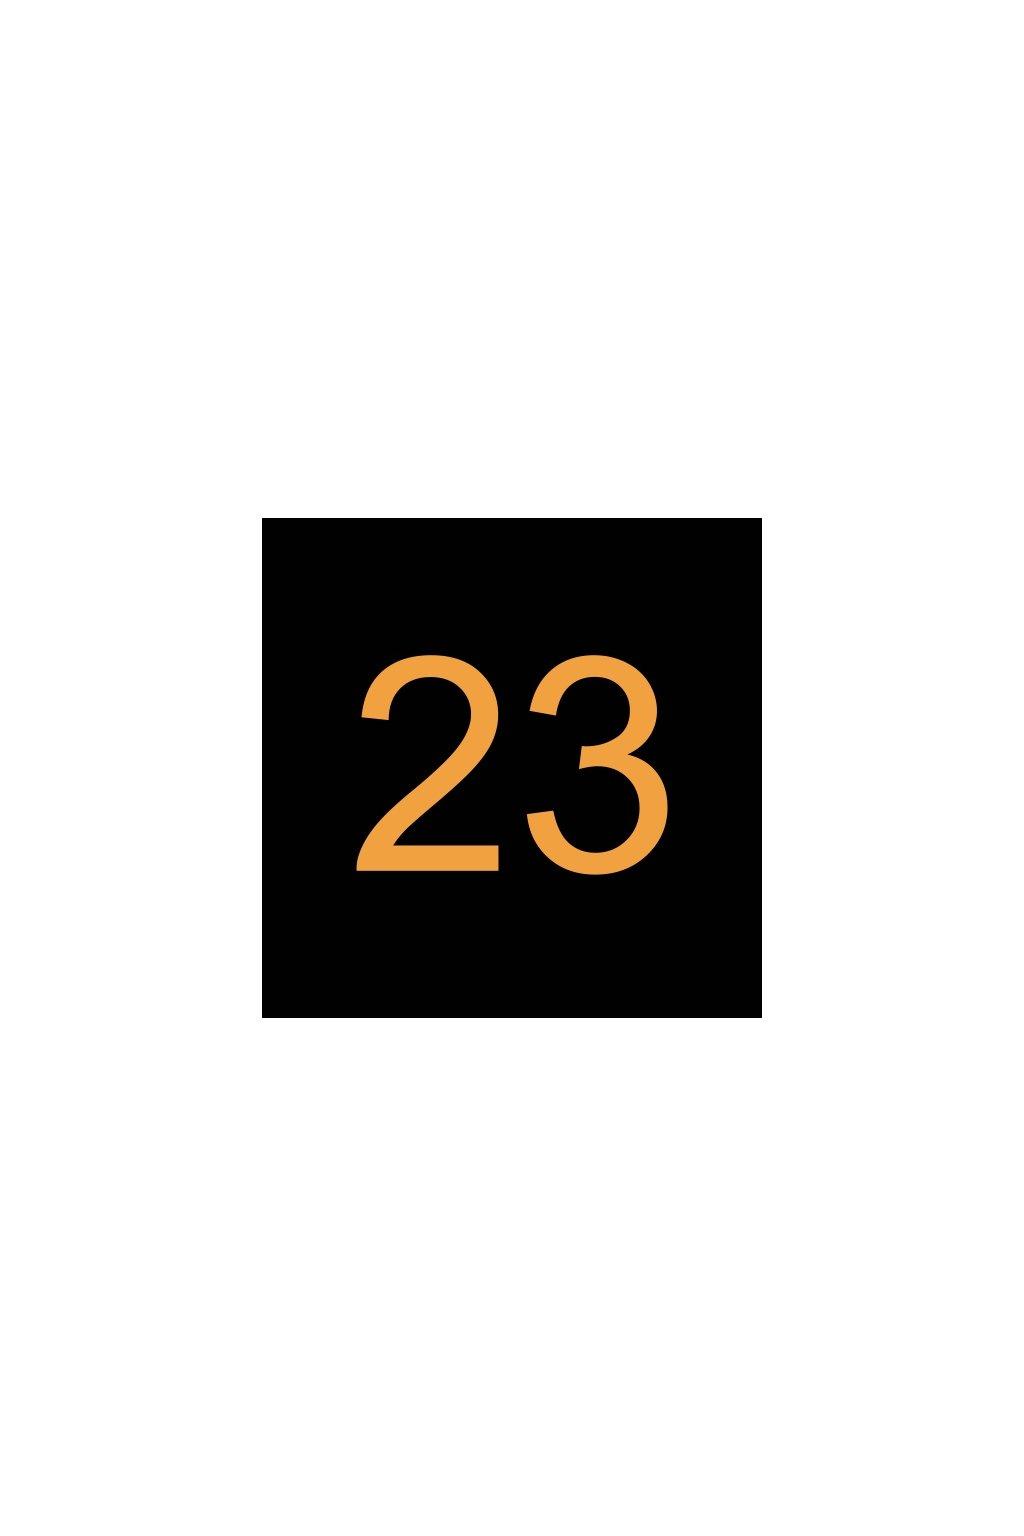 N092311 VÝROBNÍ ŠTÍTEK 23